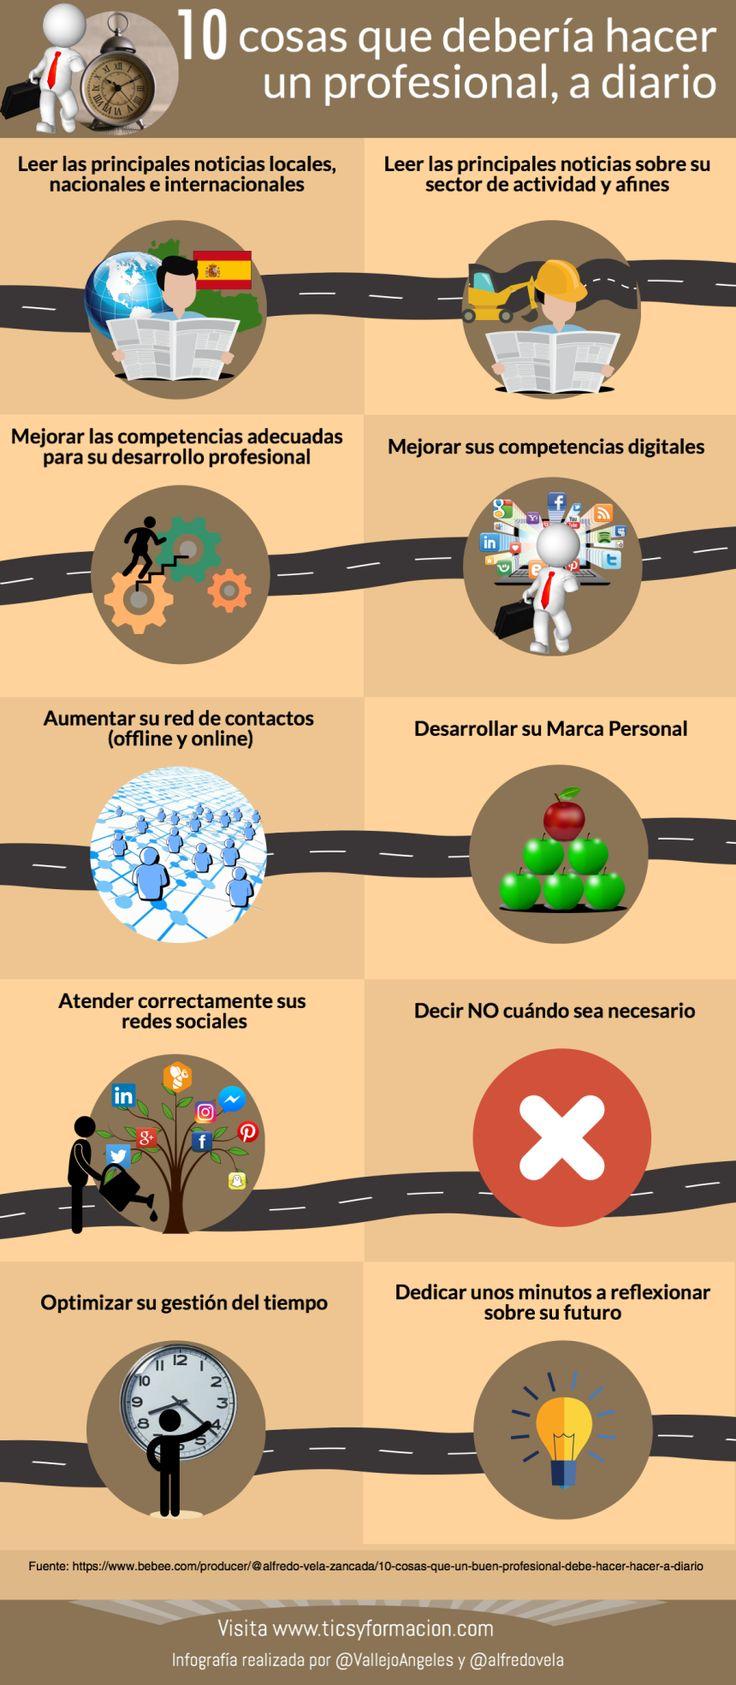 10 cosas que un buen Profesional debe hacer hacer a diario #infografia